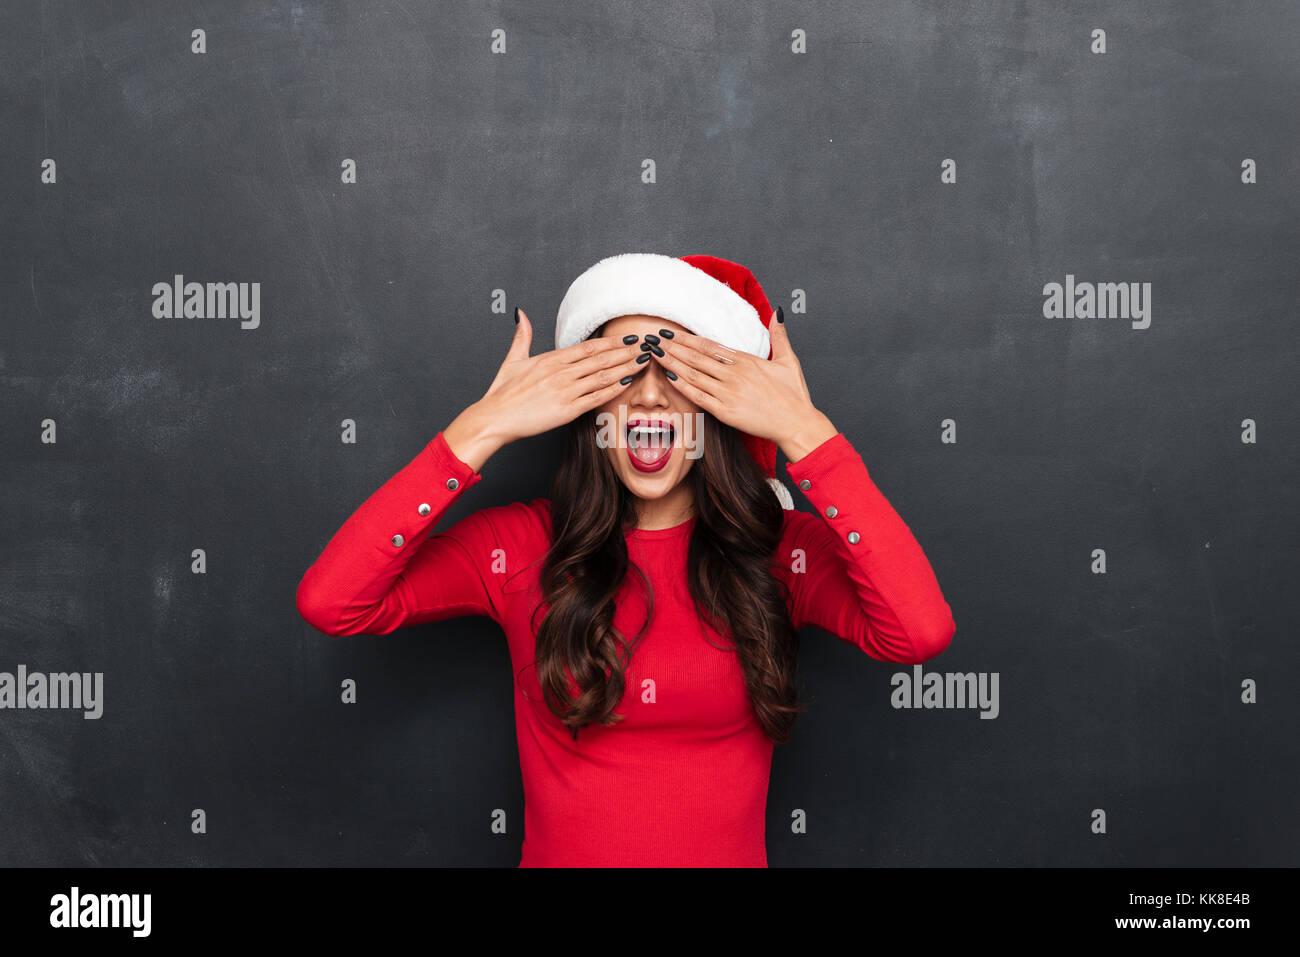 a27eac6d2763b Gracioso mujer morena en una blusa roja y sombrero de navidad con boca  abierta cubriendo sus ojos sobre fondo negro